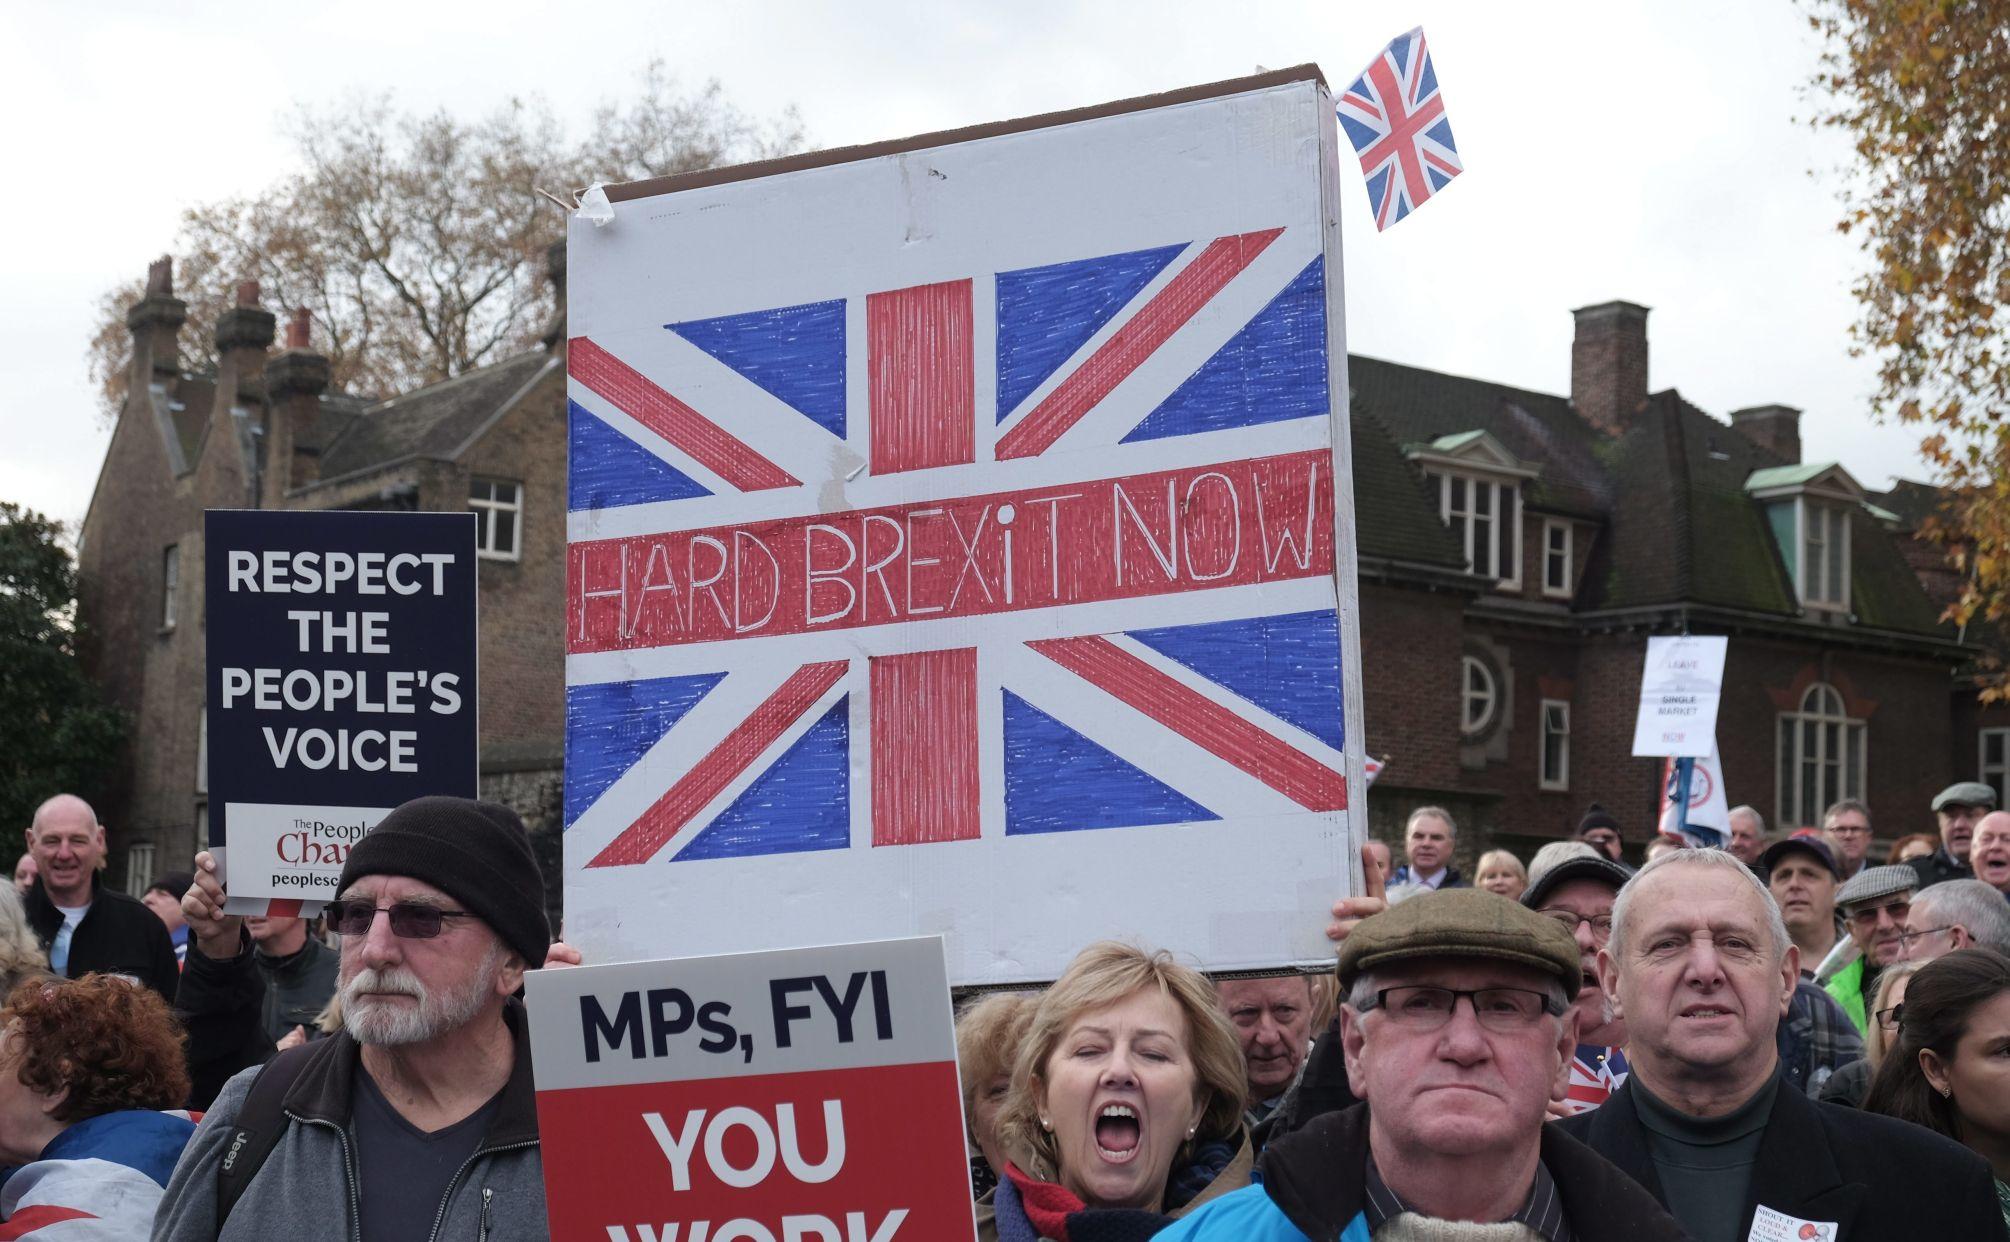 Το άτυπο Λαϊκό Μέτωπο στη Βρετανία γύρω από το Brexit (George Galloway)